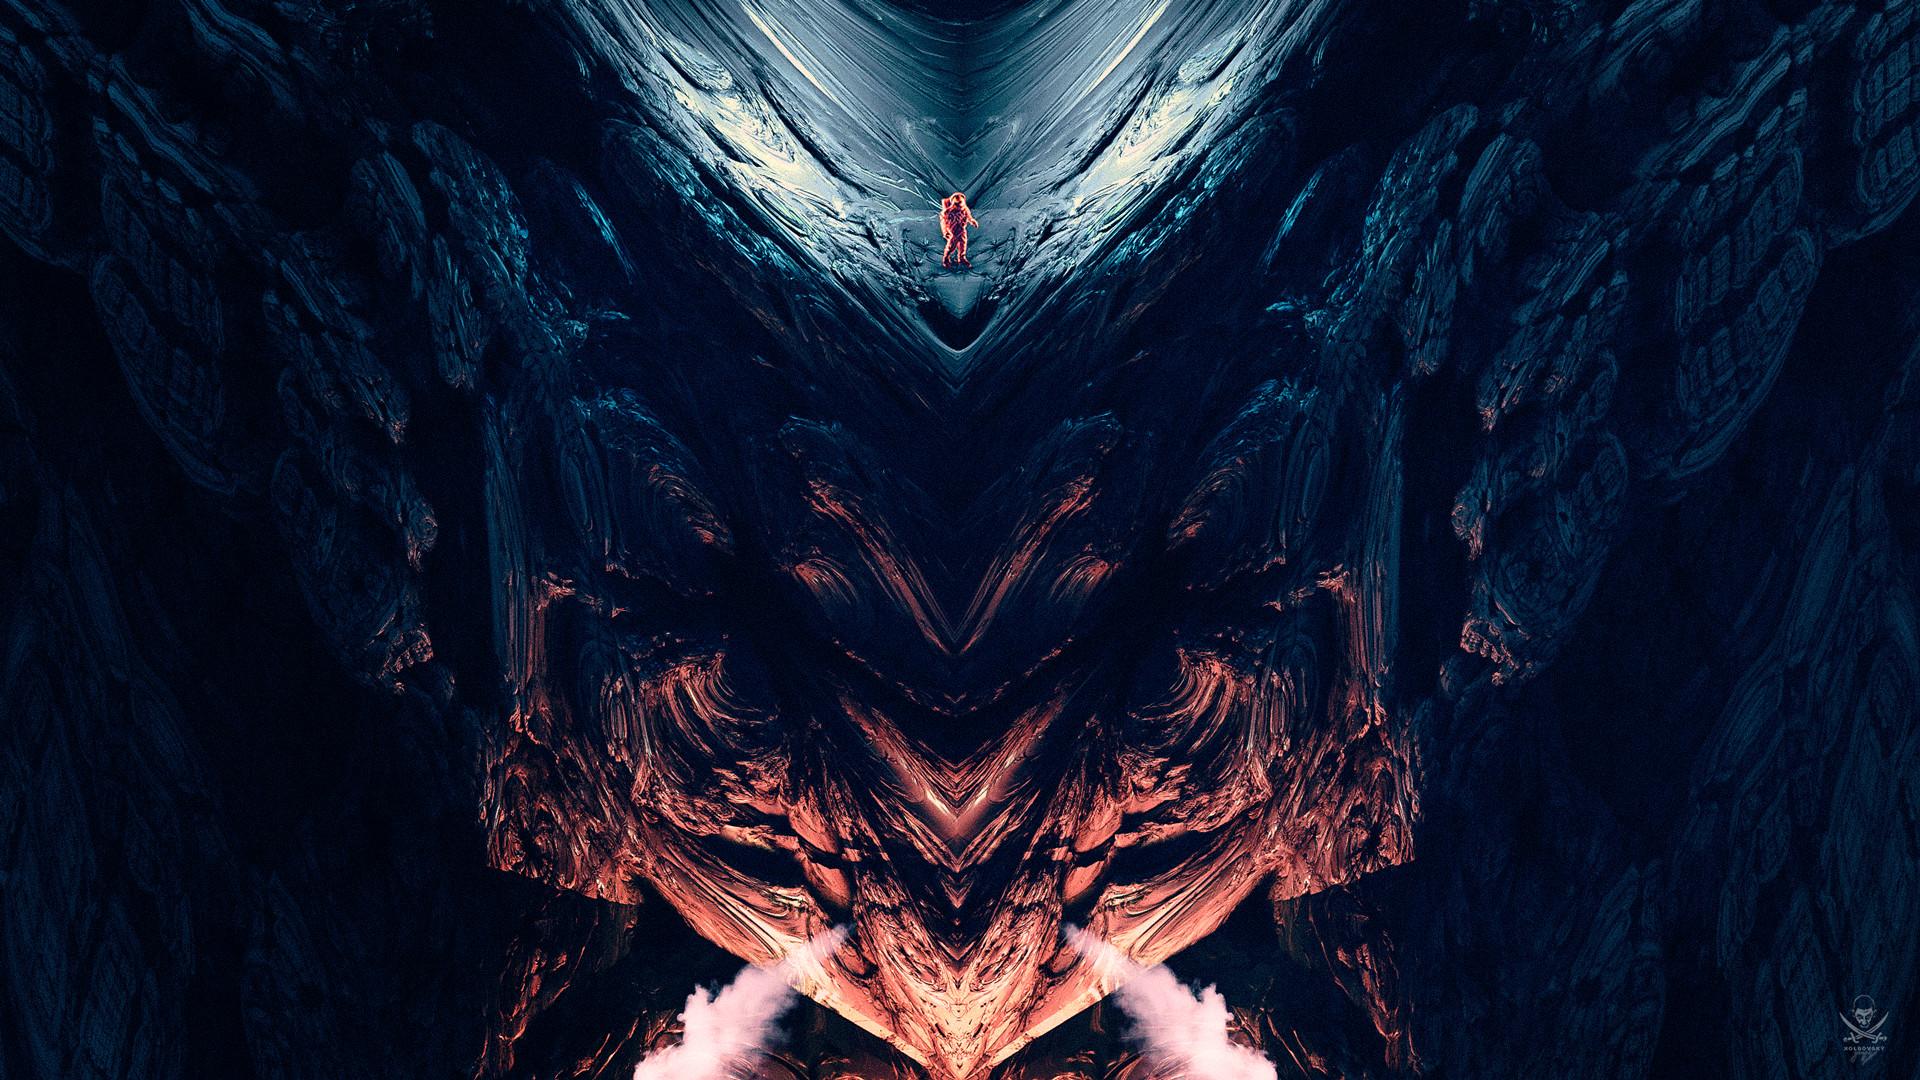 nikita-kolbovskiy-inner-daemon.jpg